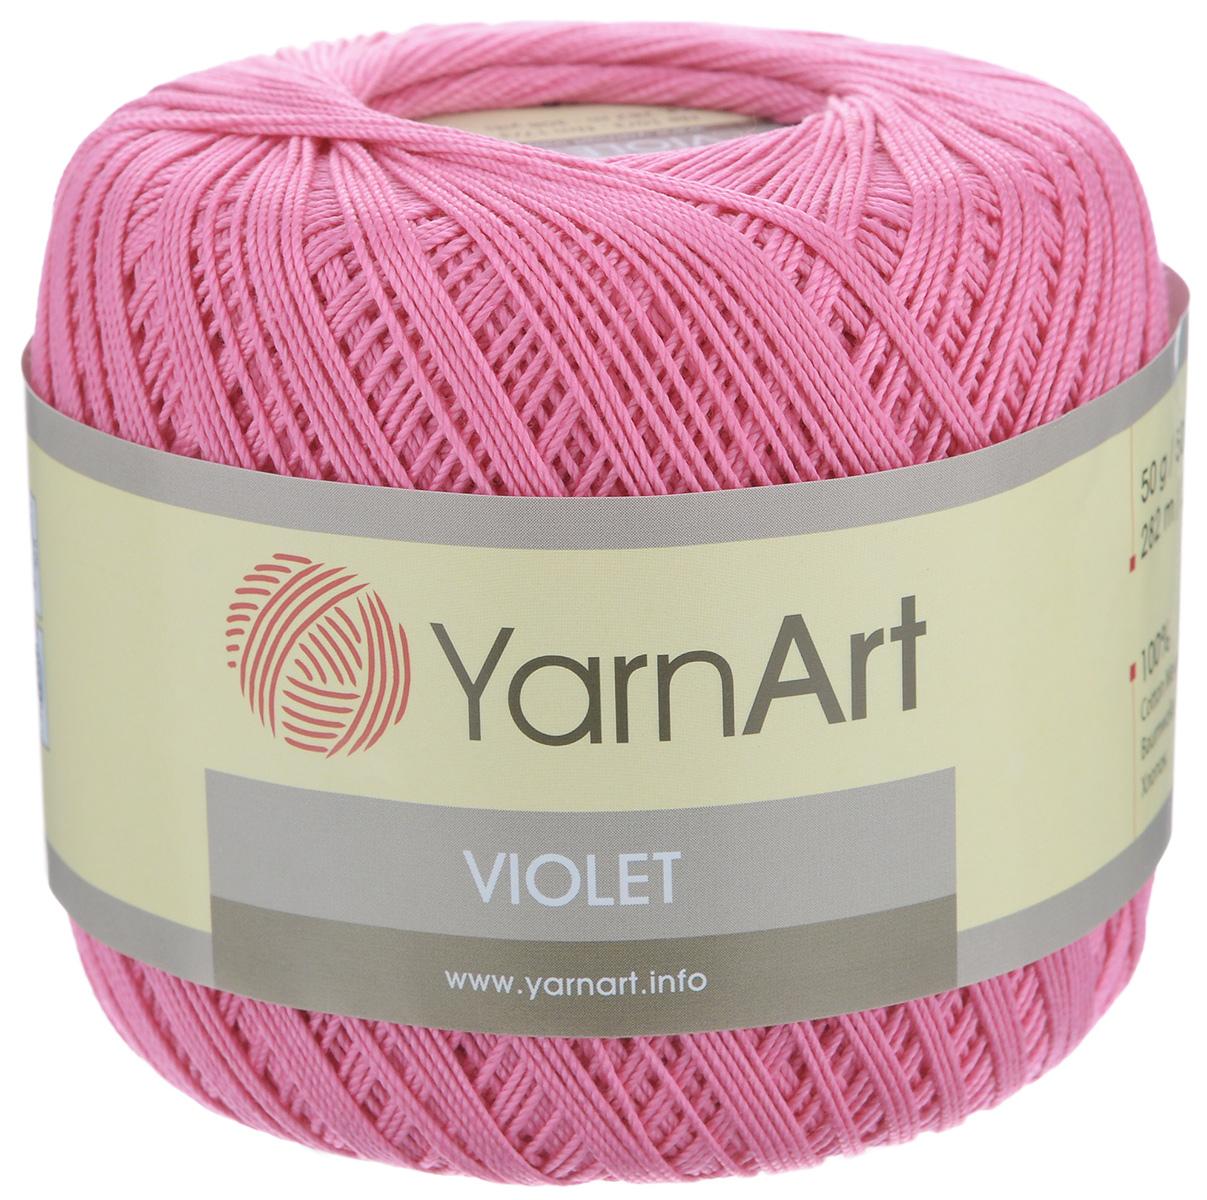 Пряжа для вязания YarnArt Violet, цвет: темно-розовый (5001), 282 м, 50 г, 6 шт372018_5001Пряжа для вязания YarnArt Violet - тонкая, гладкая и упругая пряжа из 100% мерсеризованного хлопка для вязания крючком и спицами. Нить хорошо скручена и не расслаивается. Это классическая пряжа, которая пользуется большой популярностью. Отлично подходит для вязания ажурных изделий. Замечательный вариант для вязания в технике ирландского кружева. Рекомендуется для вязания на крючке и спицах 2,5 мм. Состав: 100% хлопок.